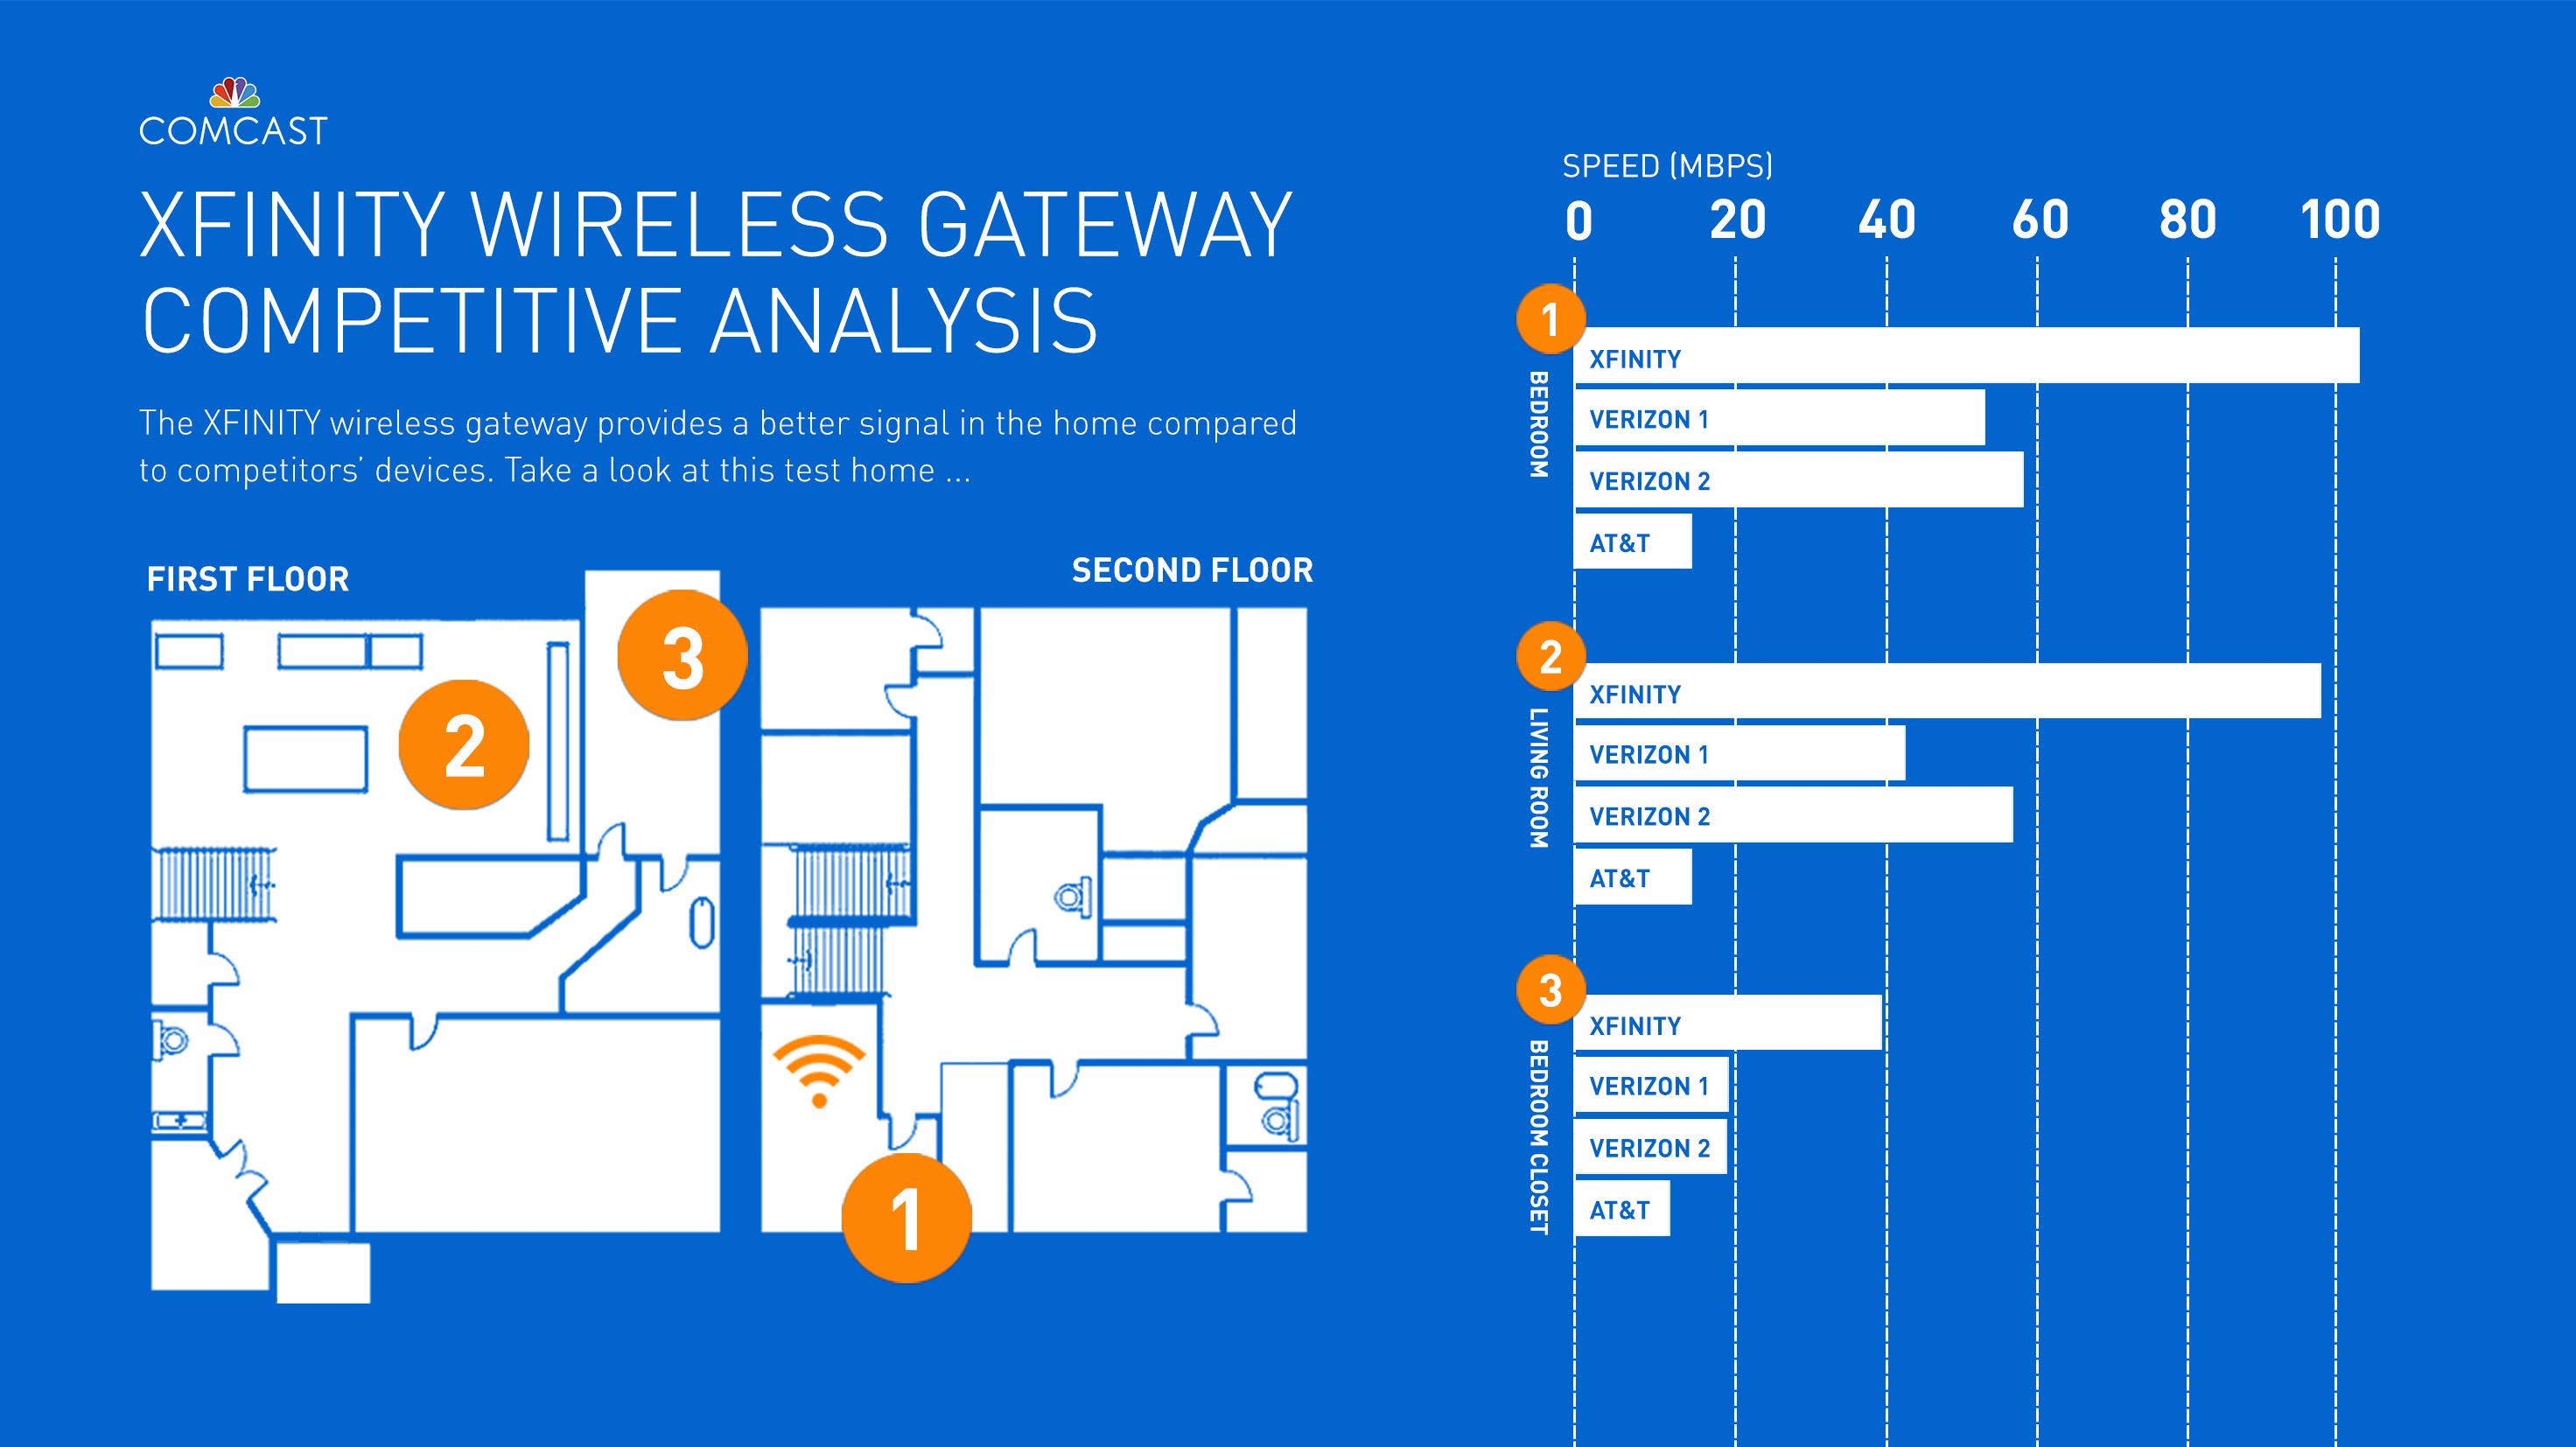 Comcast's New Xfinity Wireless Gateway Powers the Nation's ...